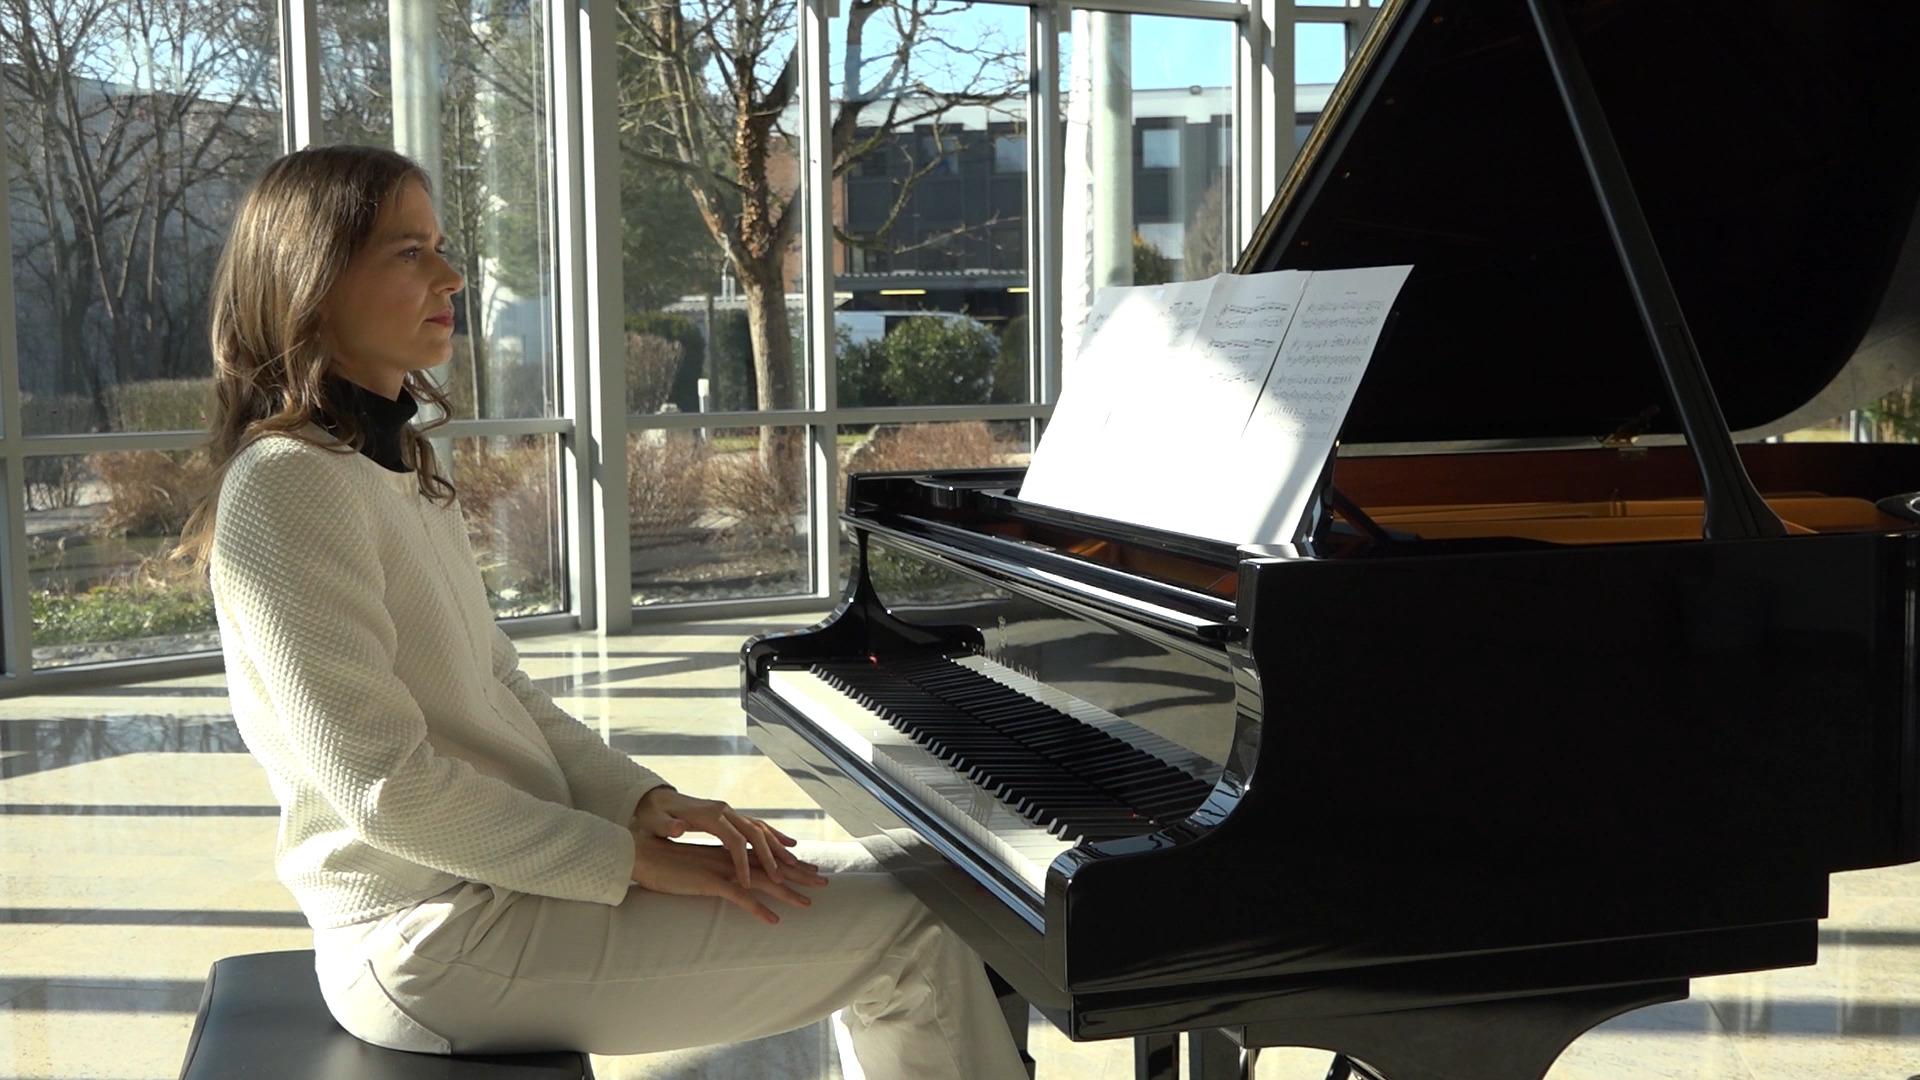 Dreamy Piano - Nicolò Piccione - The River Journey